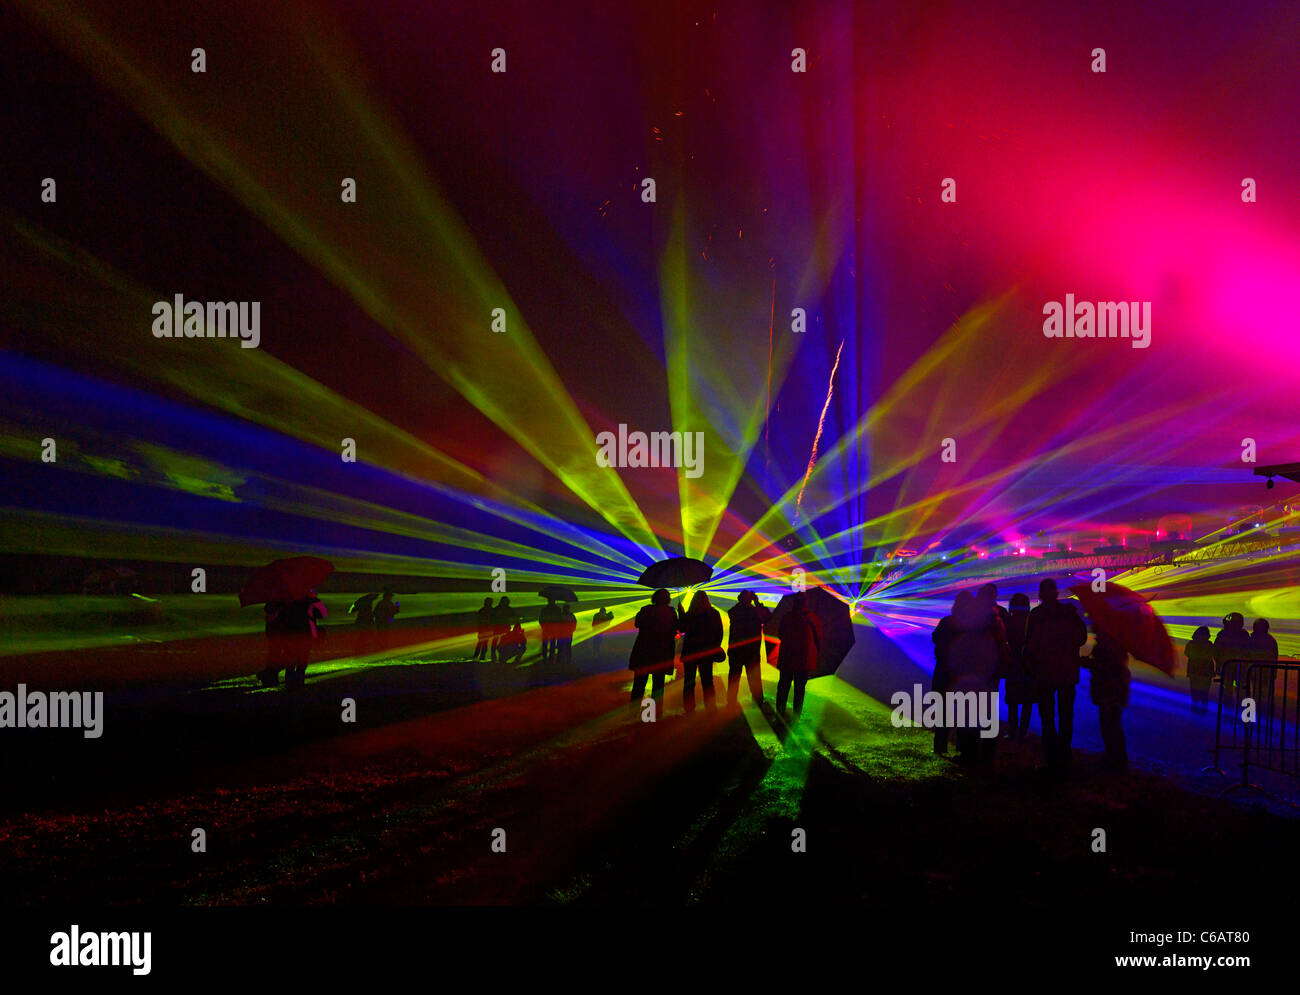 Arte di luce, laser show, spettacolo multimediale, pyro show, Pasqua luci, Kalkriese, Osnabrueck distretto, Bassa Immagini Stock